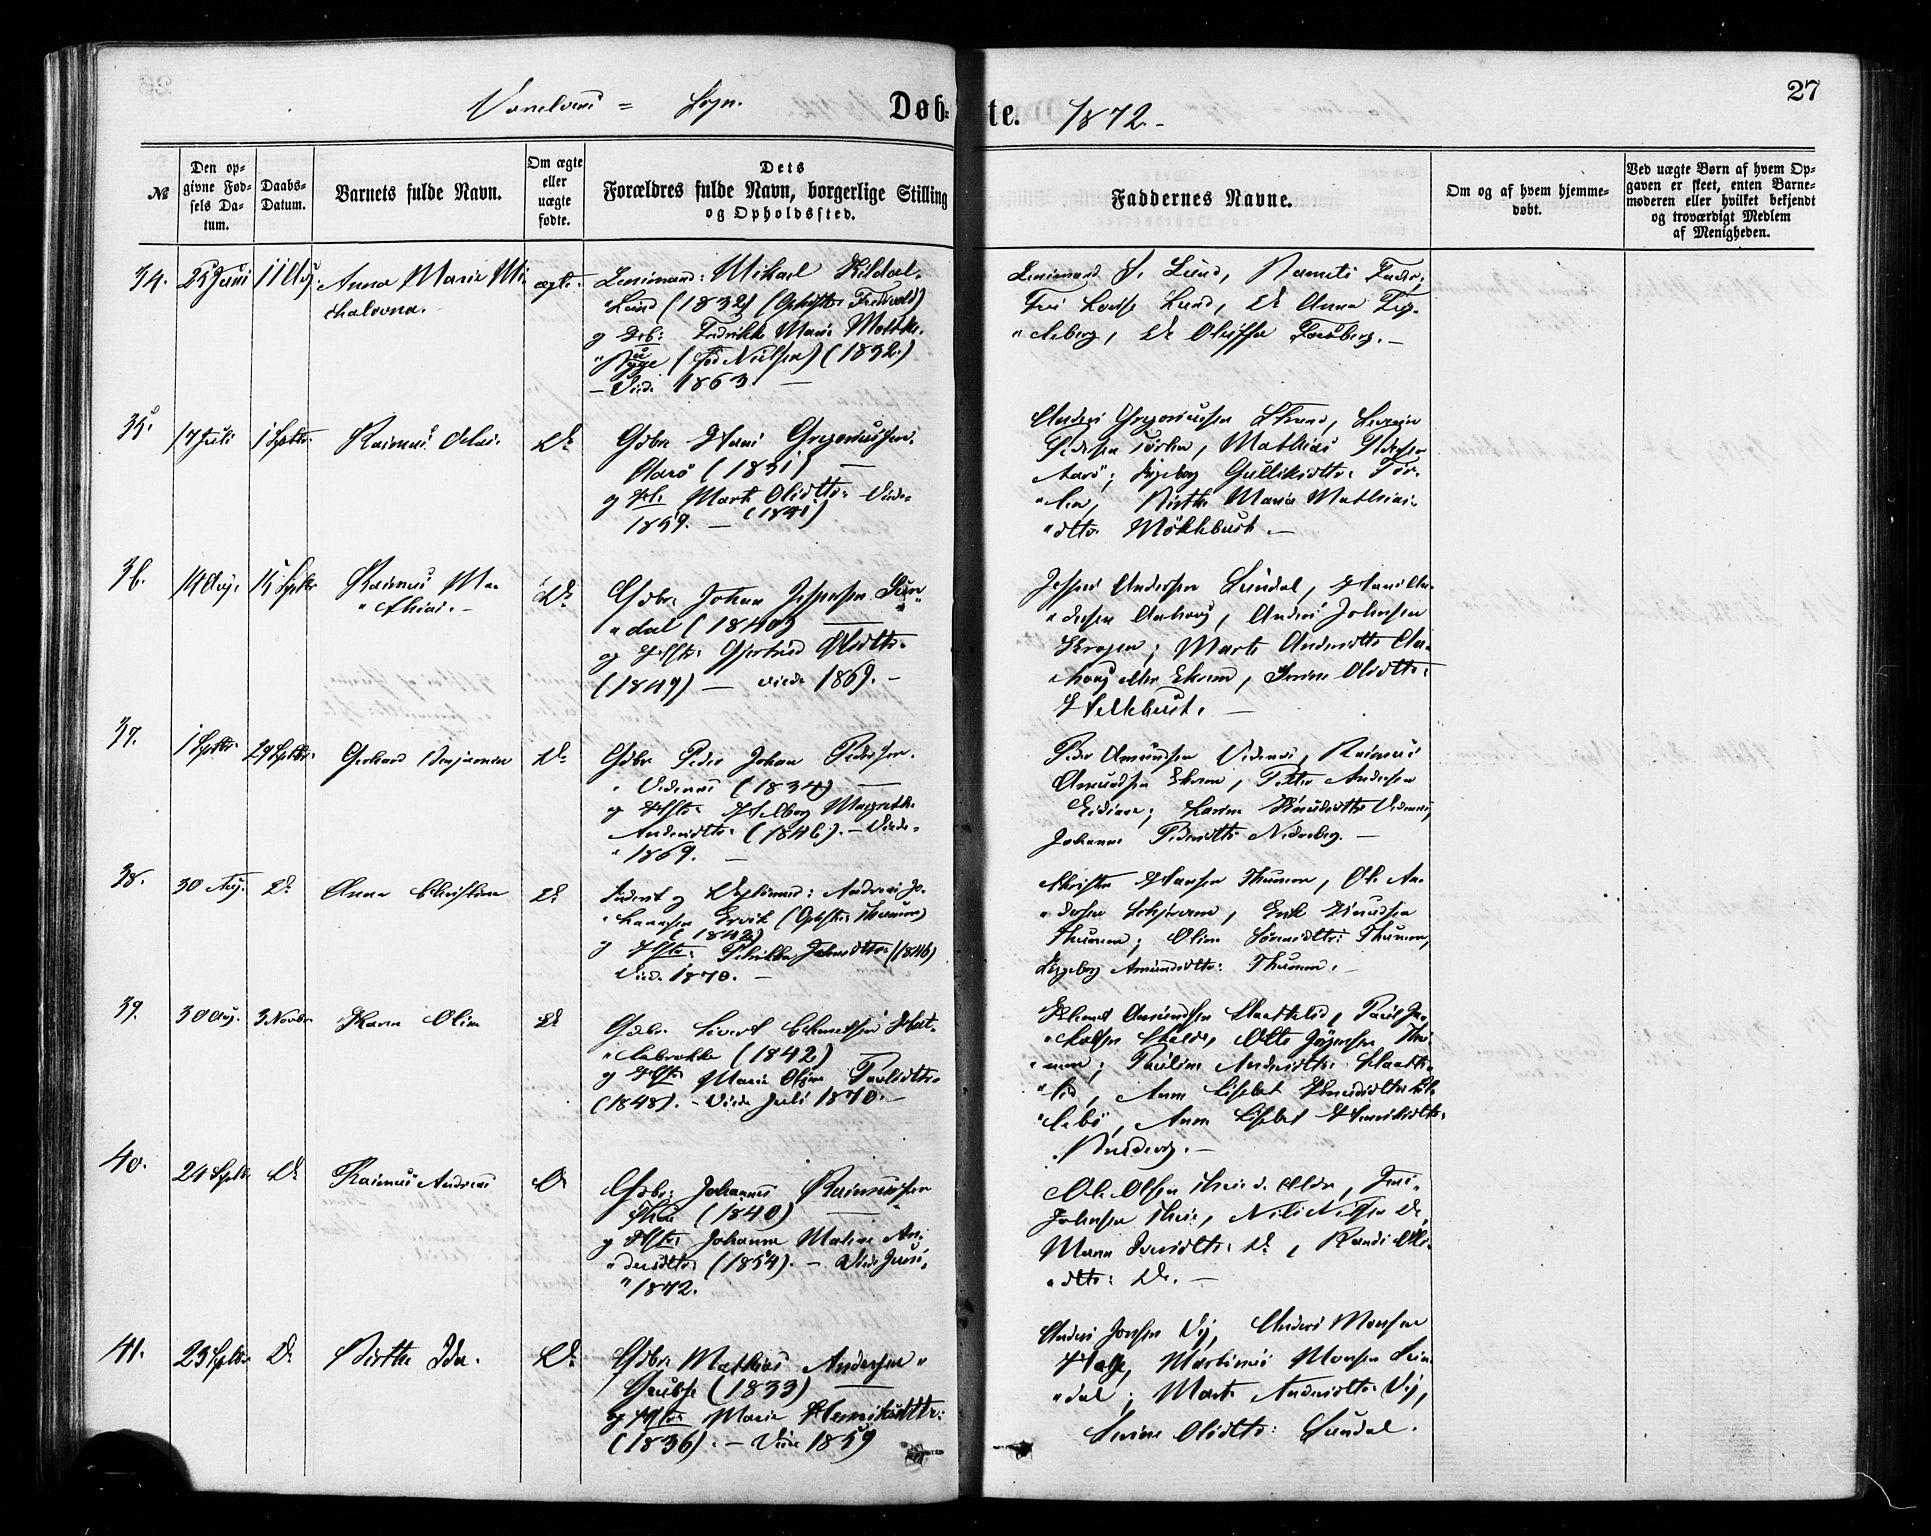 SAT, Ministerialprotokoller, klokkerbøker og fødselsregistre - Møre og Romsdal, 501/L0007: Ministerialbok nr. 501A07, 1868-1884, s. 27